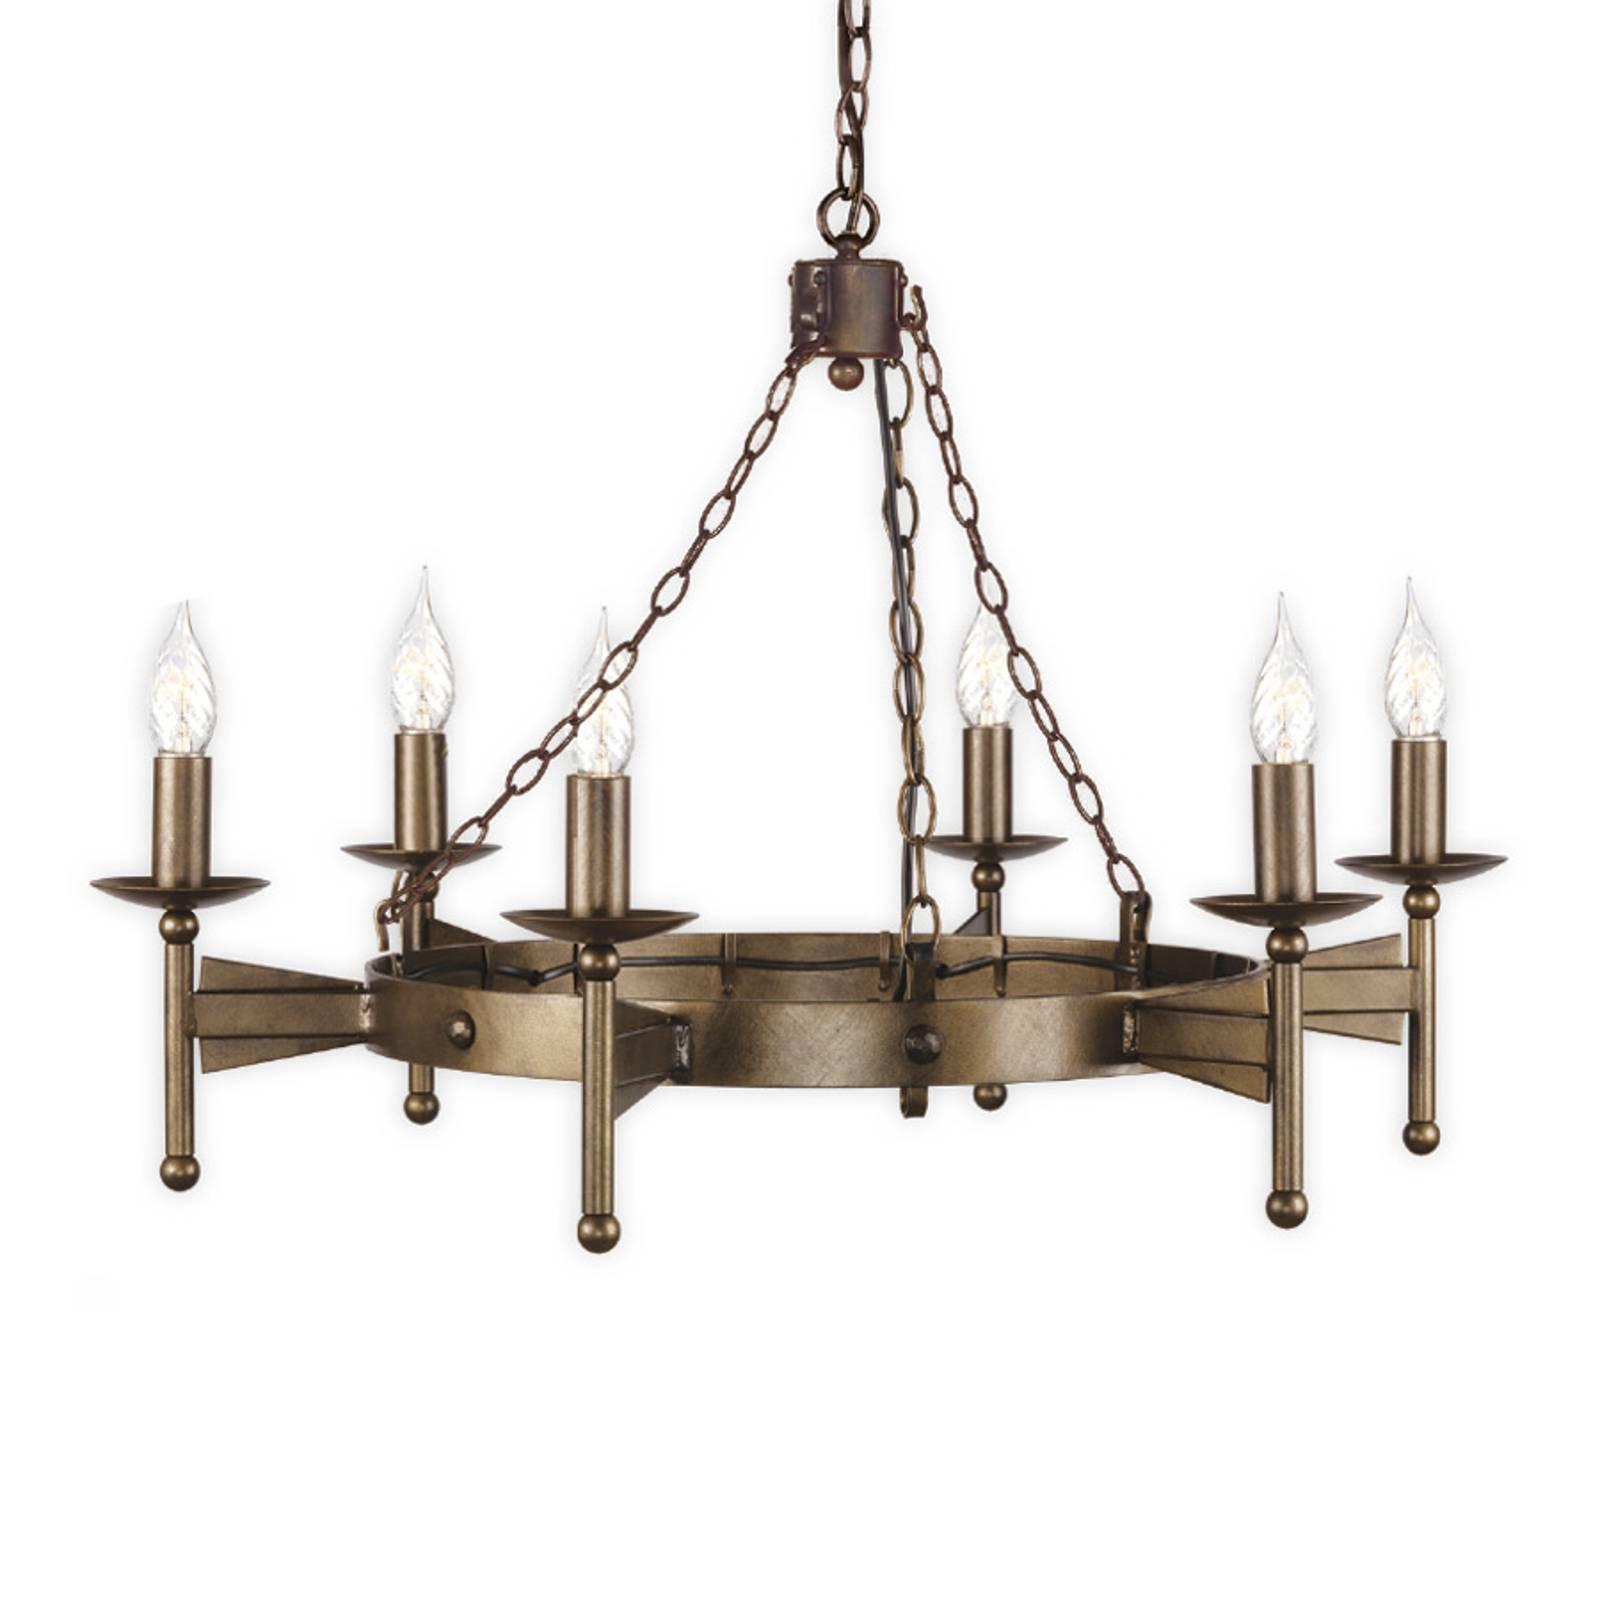 Middeleeuwse kroonluchter CROMWELL, 6-lichts